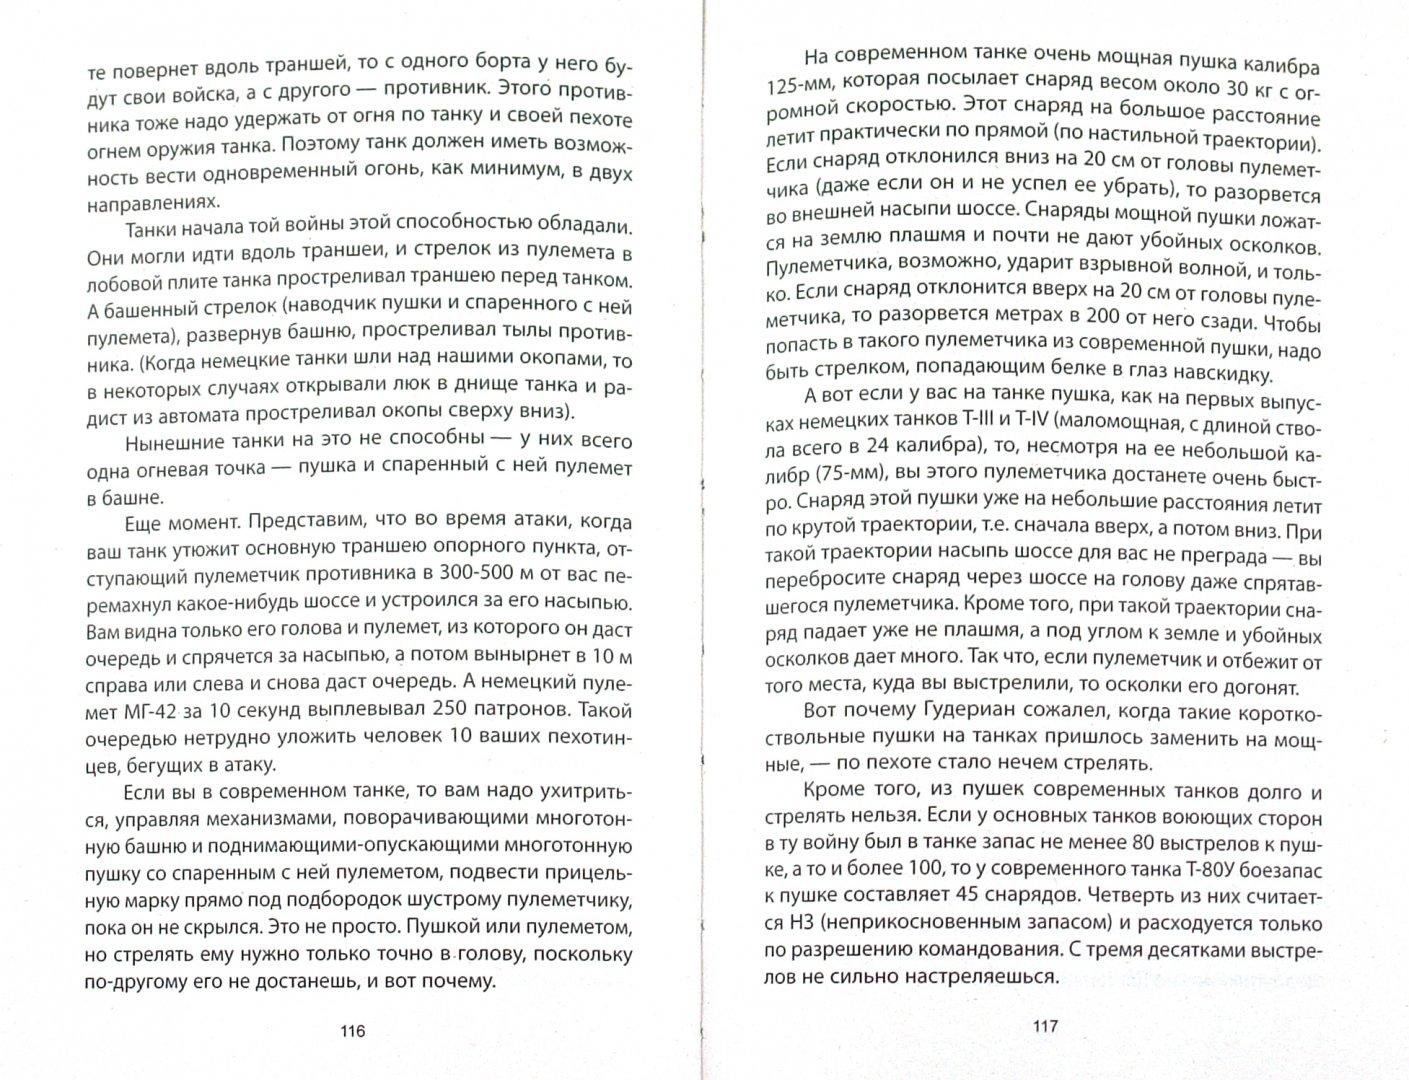 Иллюстрация 1 из 9 для Армия Победы - Юрий Мухин | Лабиринт - книги. Источник: Лабиринт